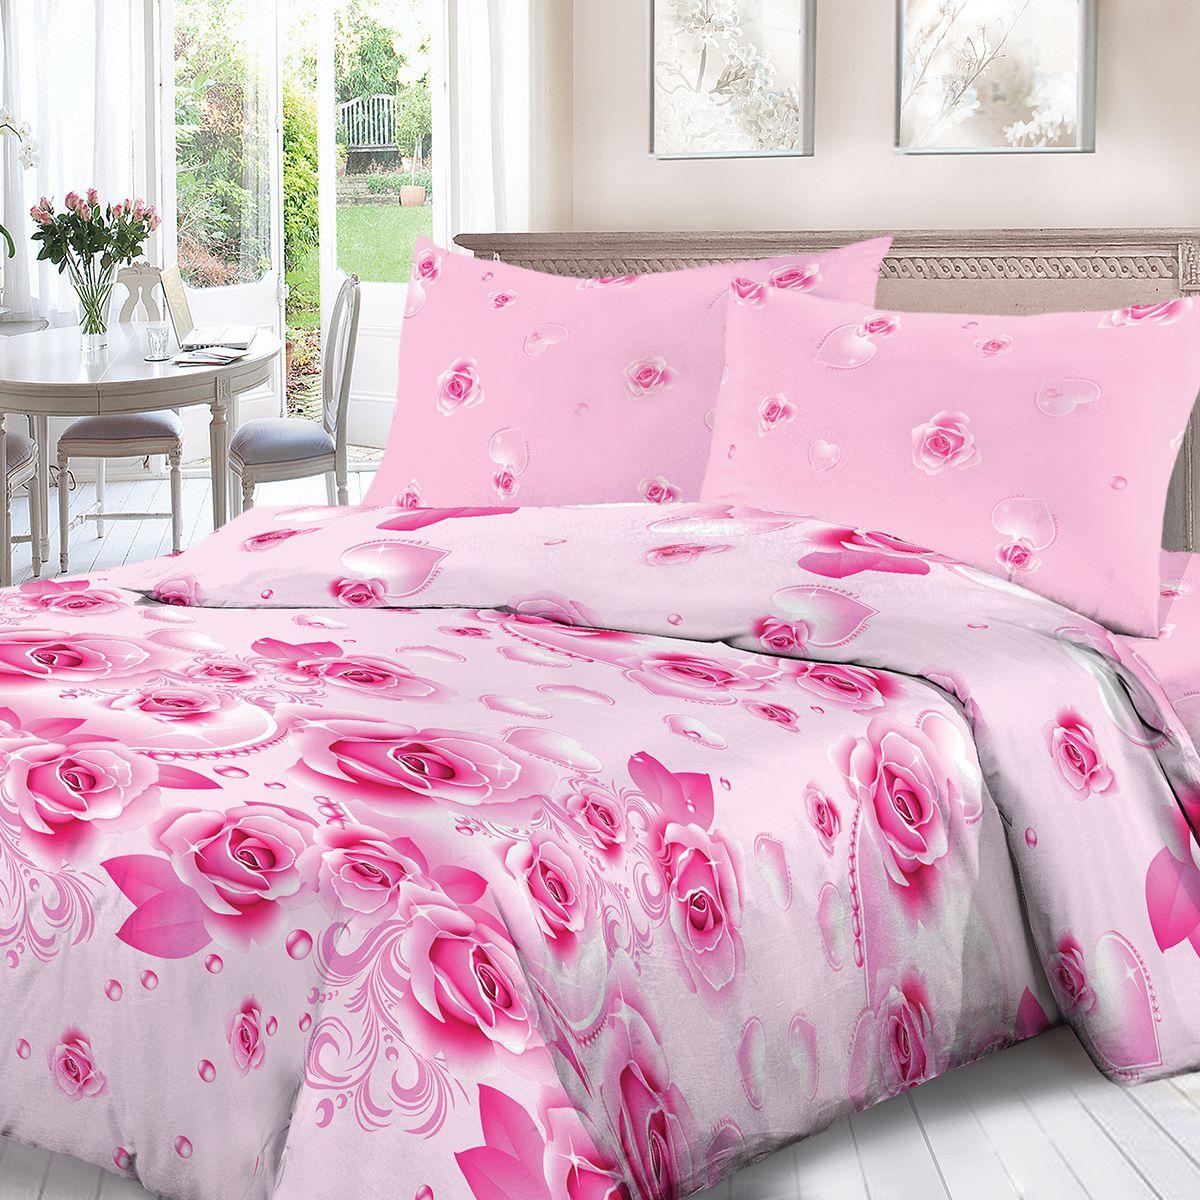 Комплект белья Для Снов Розовый жемчуг, 1,5 спальное, наволочки 70x70, цвет: розовый. 1553-186449